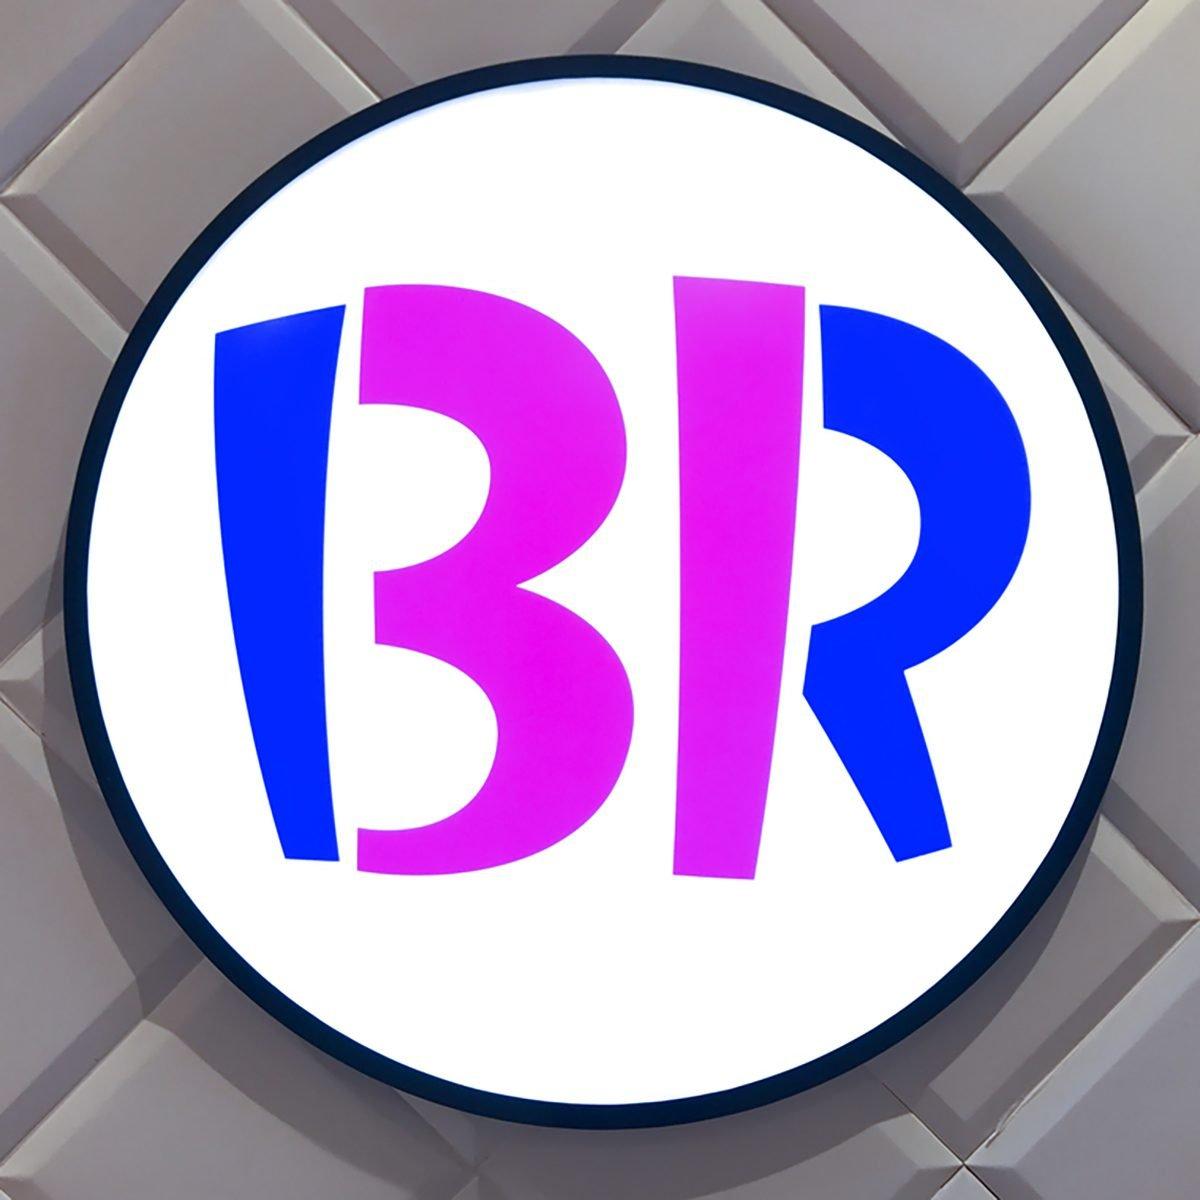 Large Baskin Robbins Logo Signage On White Wall